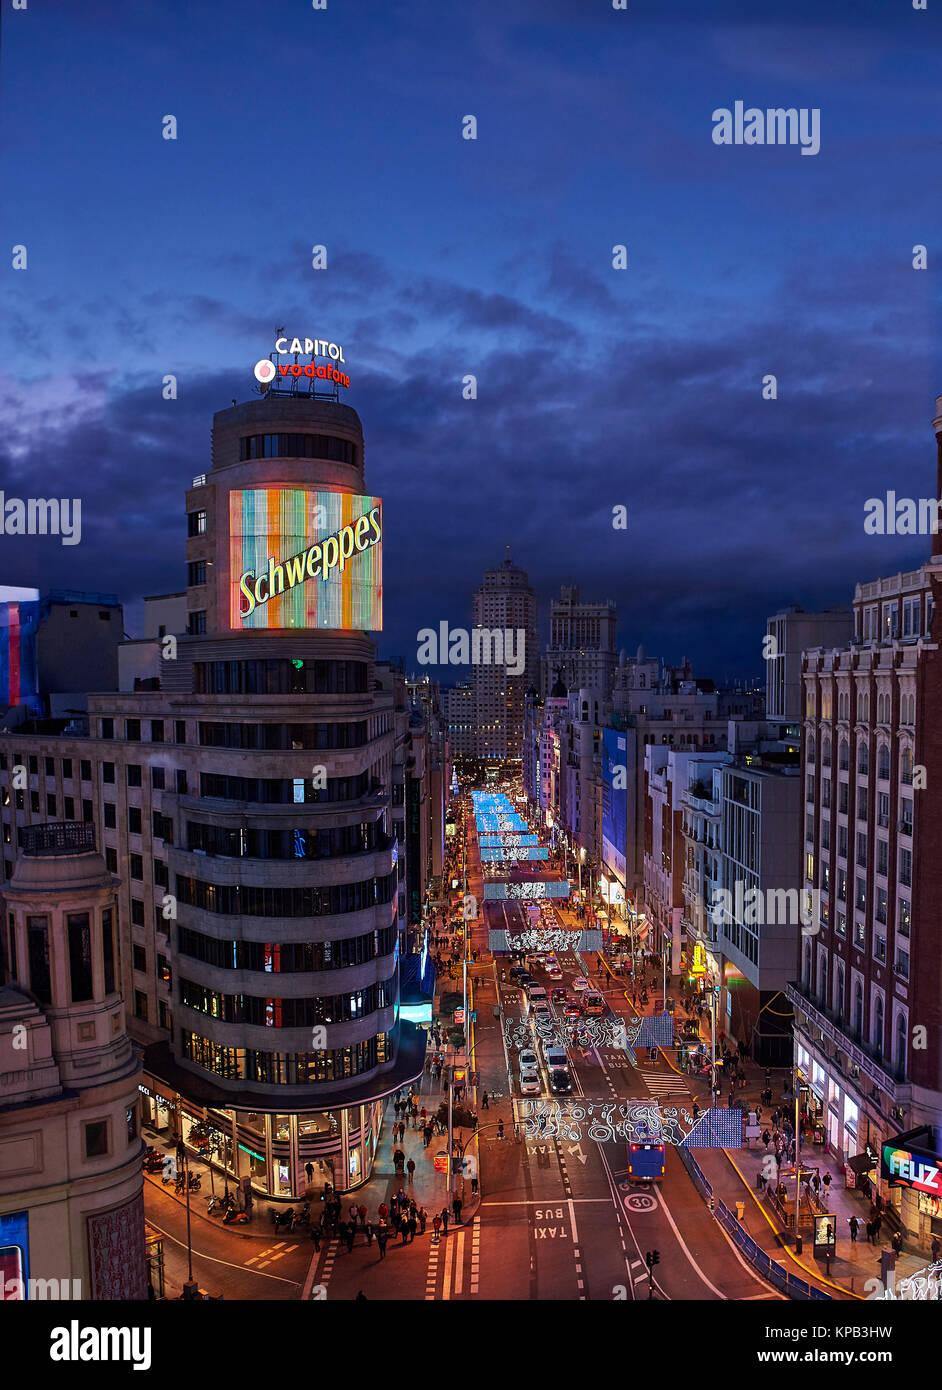 La tombée de la vue sur la rue Gran Via éclairé par les lumières de Noël et enseignes néon Photo Stock